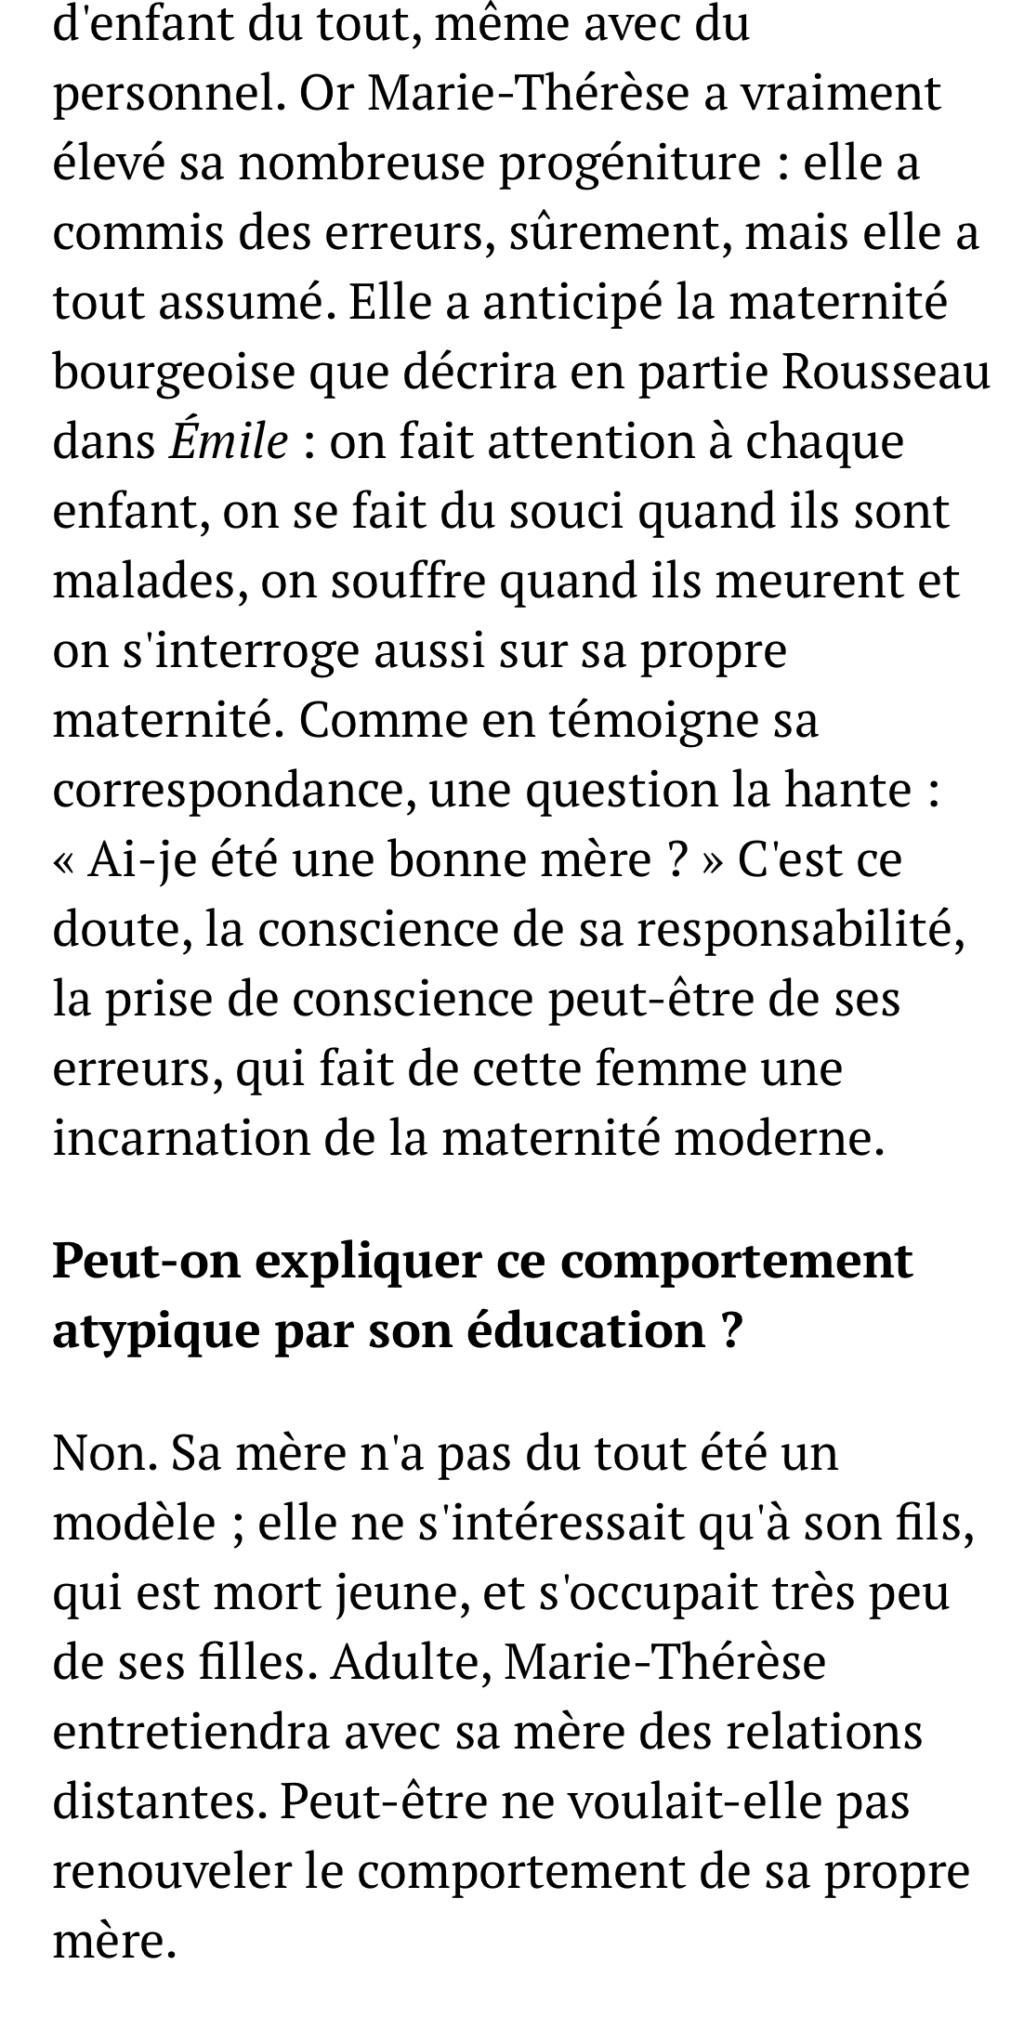 Marie-Thérèse d'Autriche : Le pouvoir au féminin & Les conflits d'une mère. De Elisabeth Badinter - Page 2 0c64c510